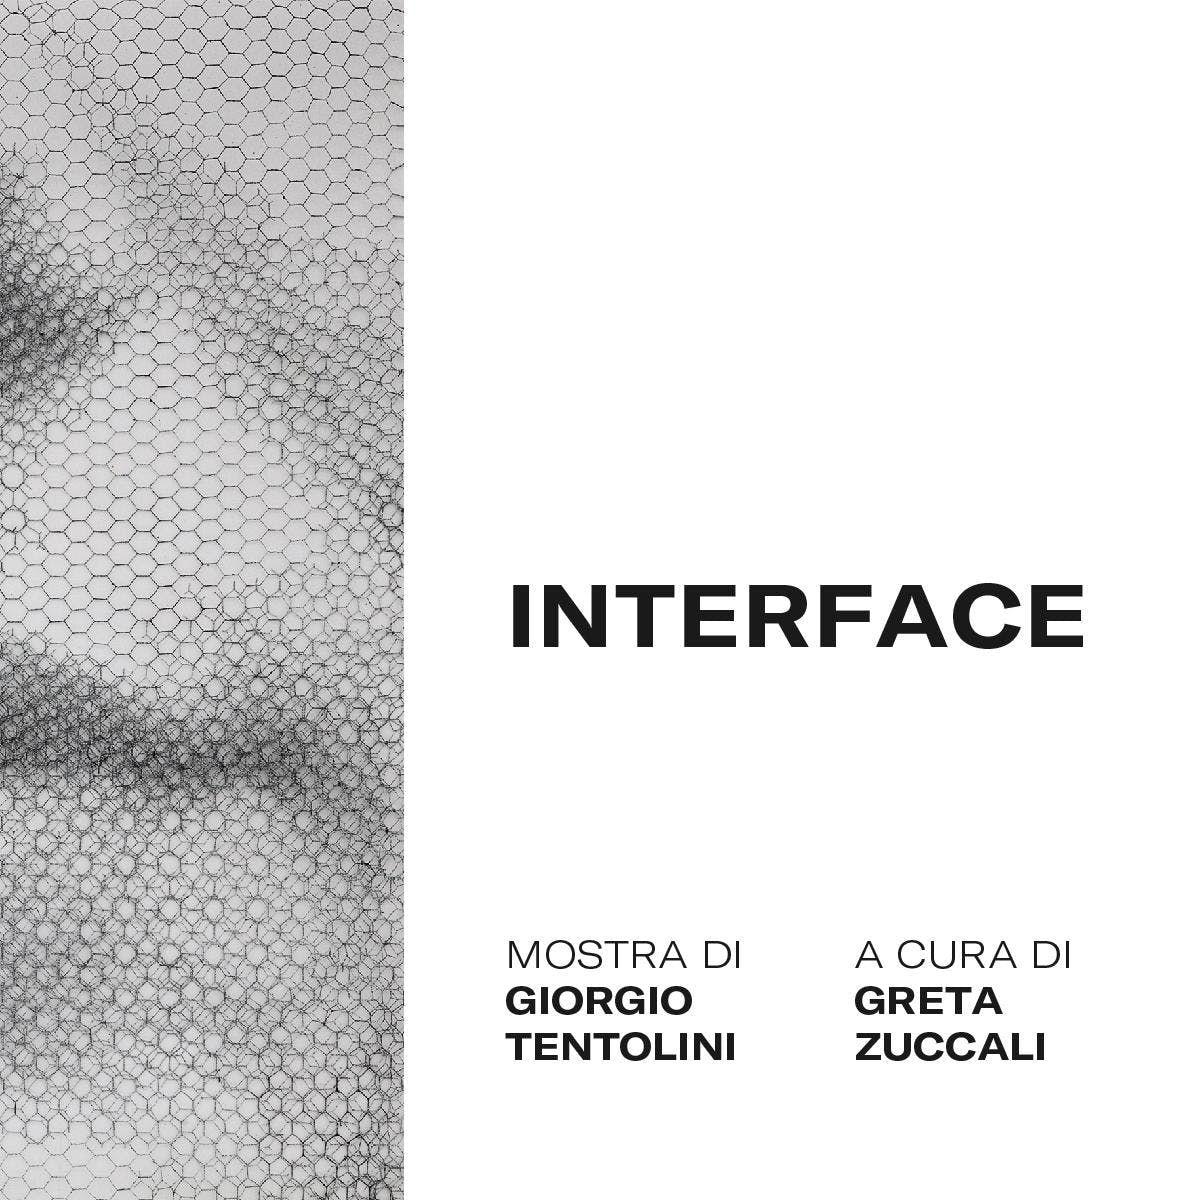 Vernissage mostra Interface di Giorgio Tentolini